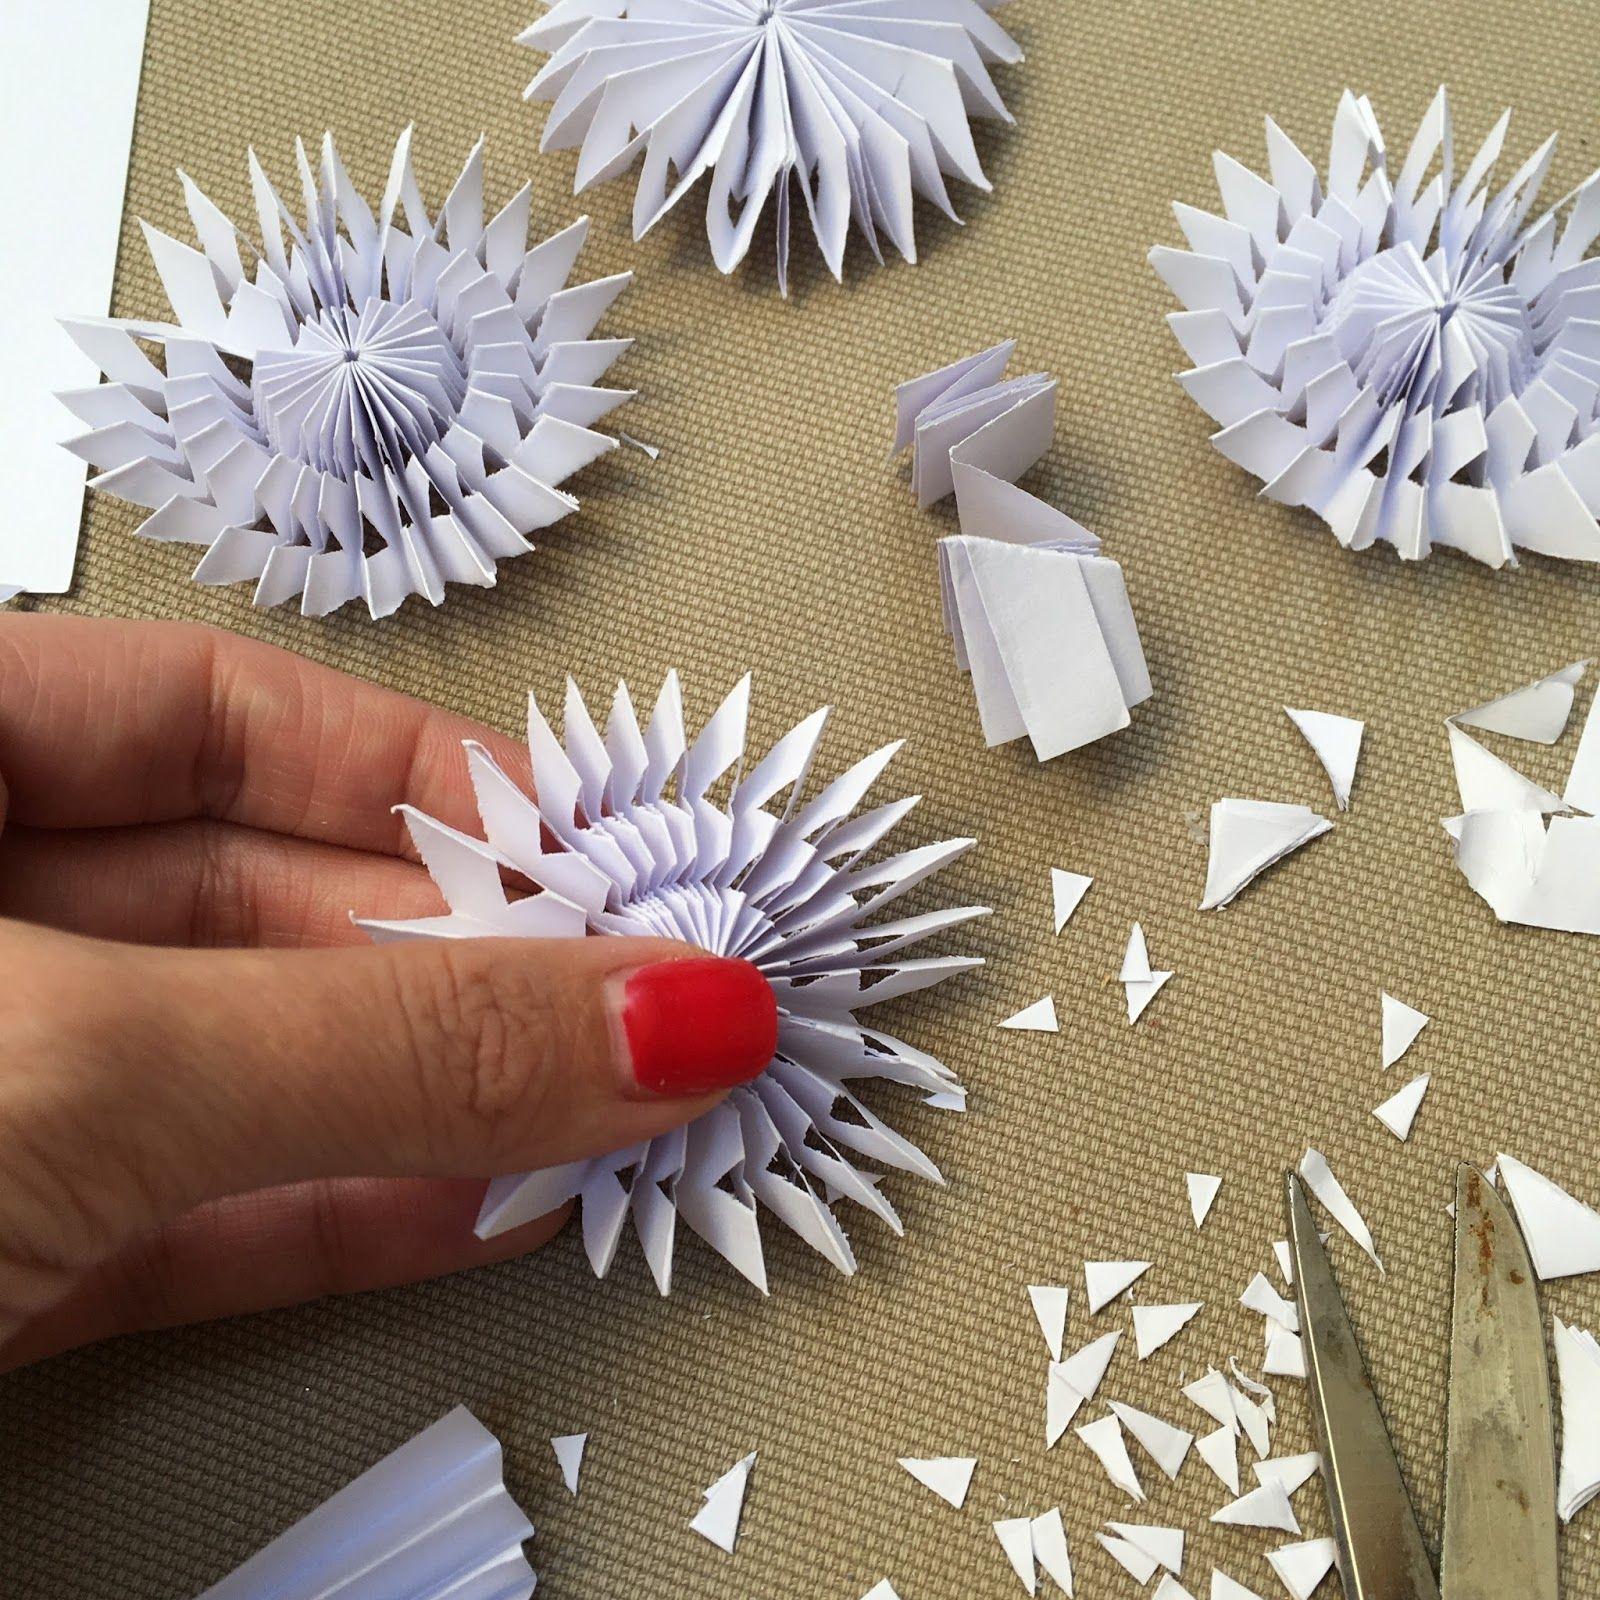 Papírové vánoční ozdoby a dekorace - 1. část   DIY - Paper ... - photo#46